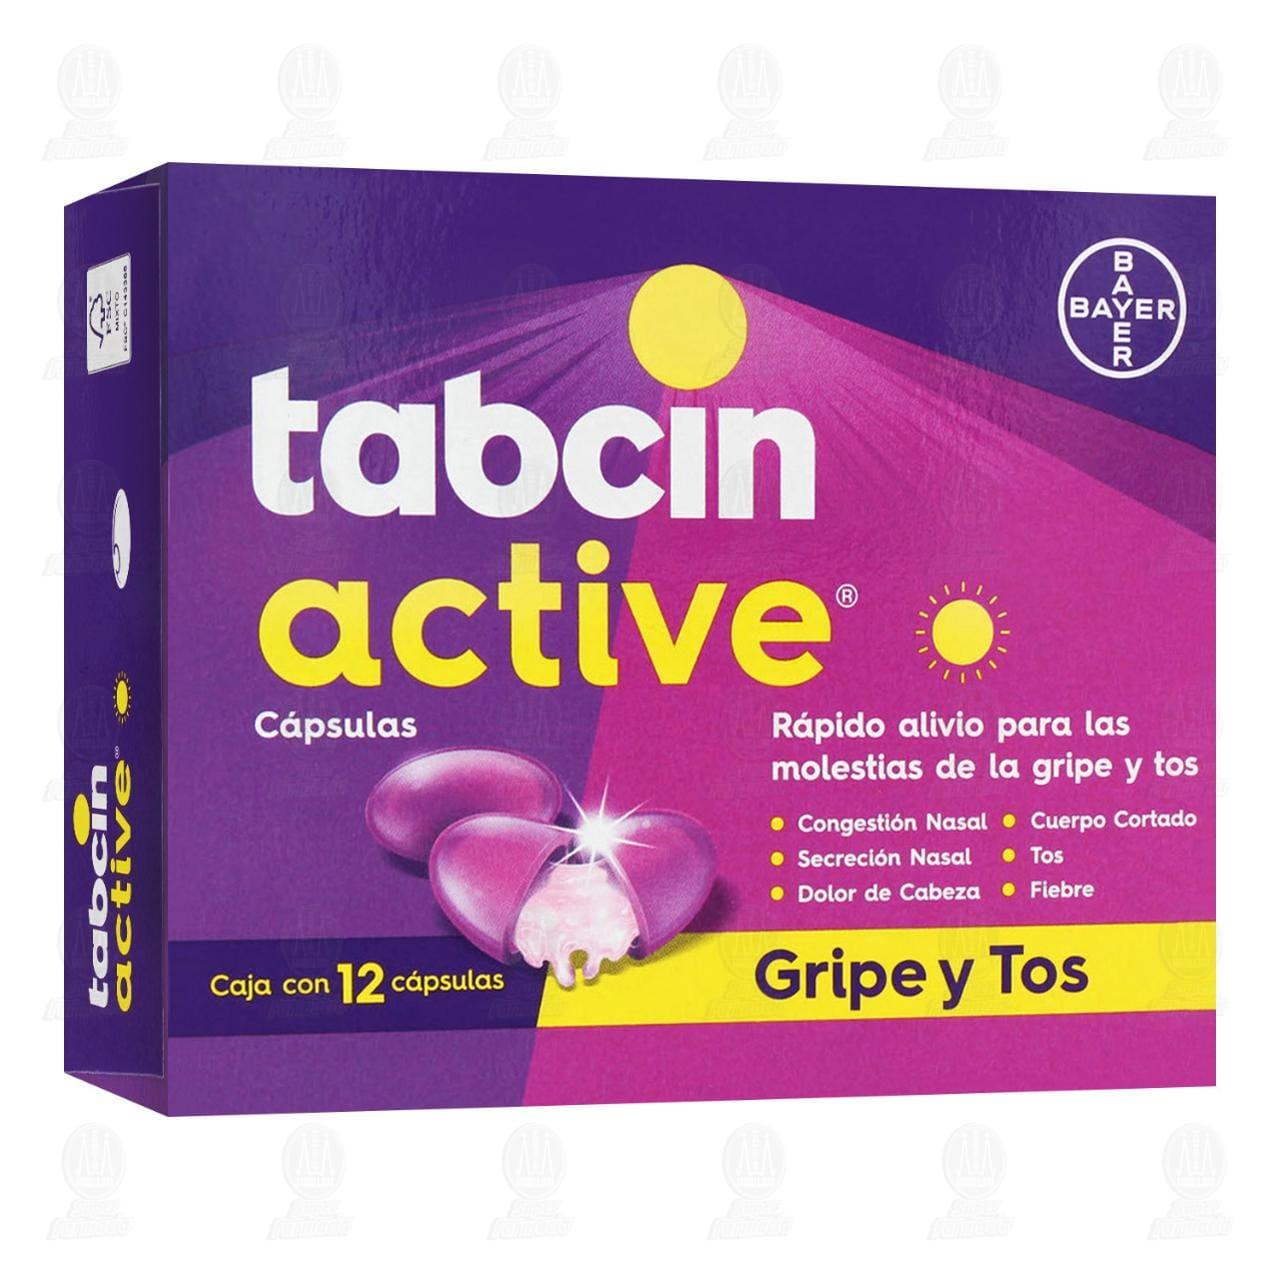 Comprar Tabcin Active Rápido Alivio para las Molestias de la Gripe y Tos 12 Cápsulas en Farmacias Guadalajara